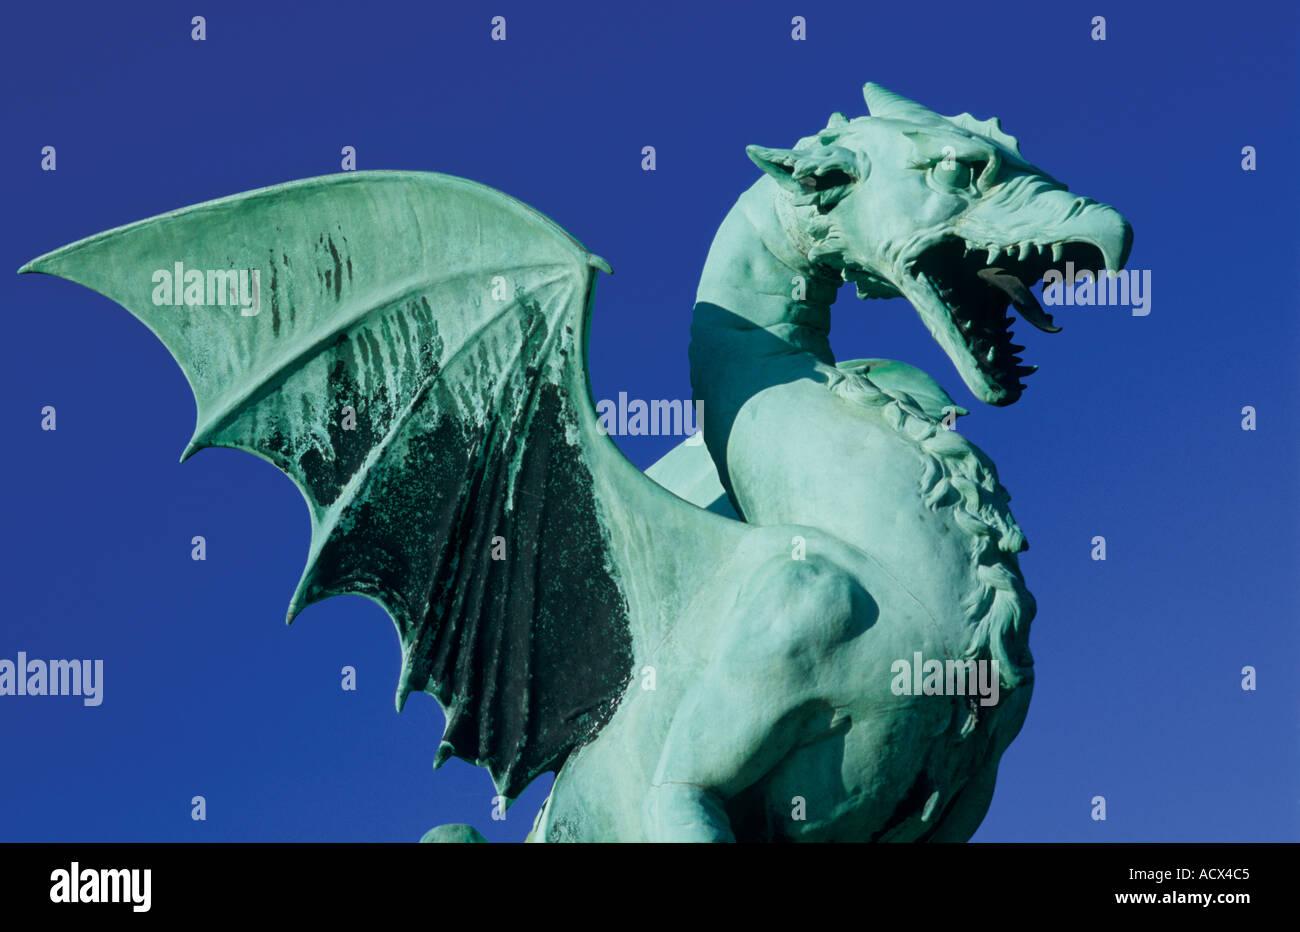 Dragon, Symbol of Ljubljana, Dragonbridge, Ljubljana Slovenia - Stock Image